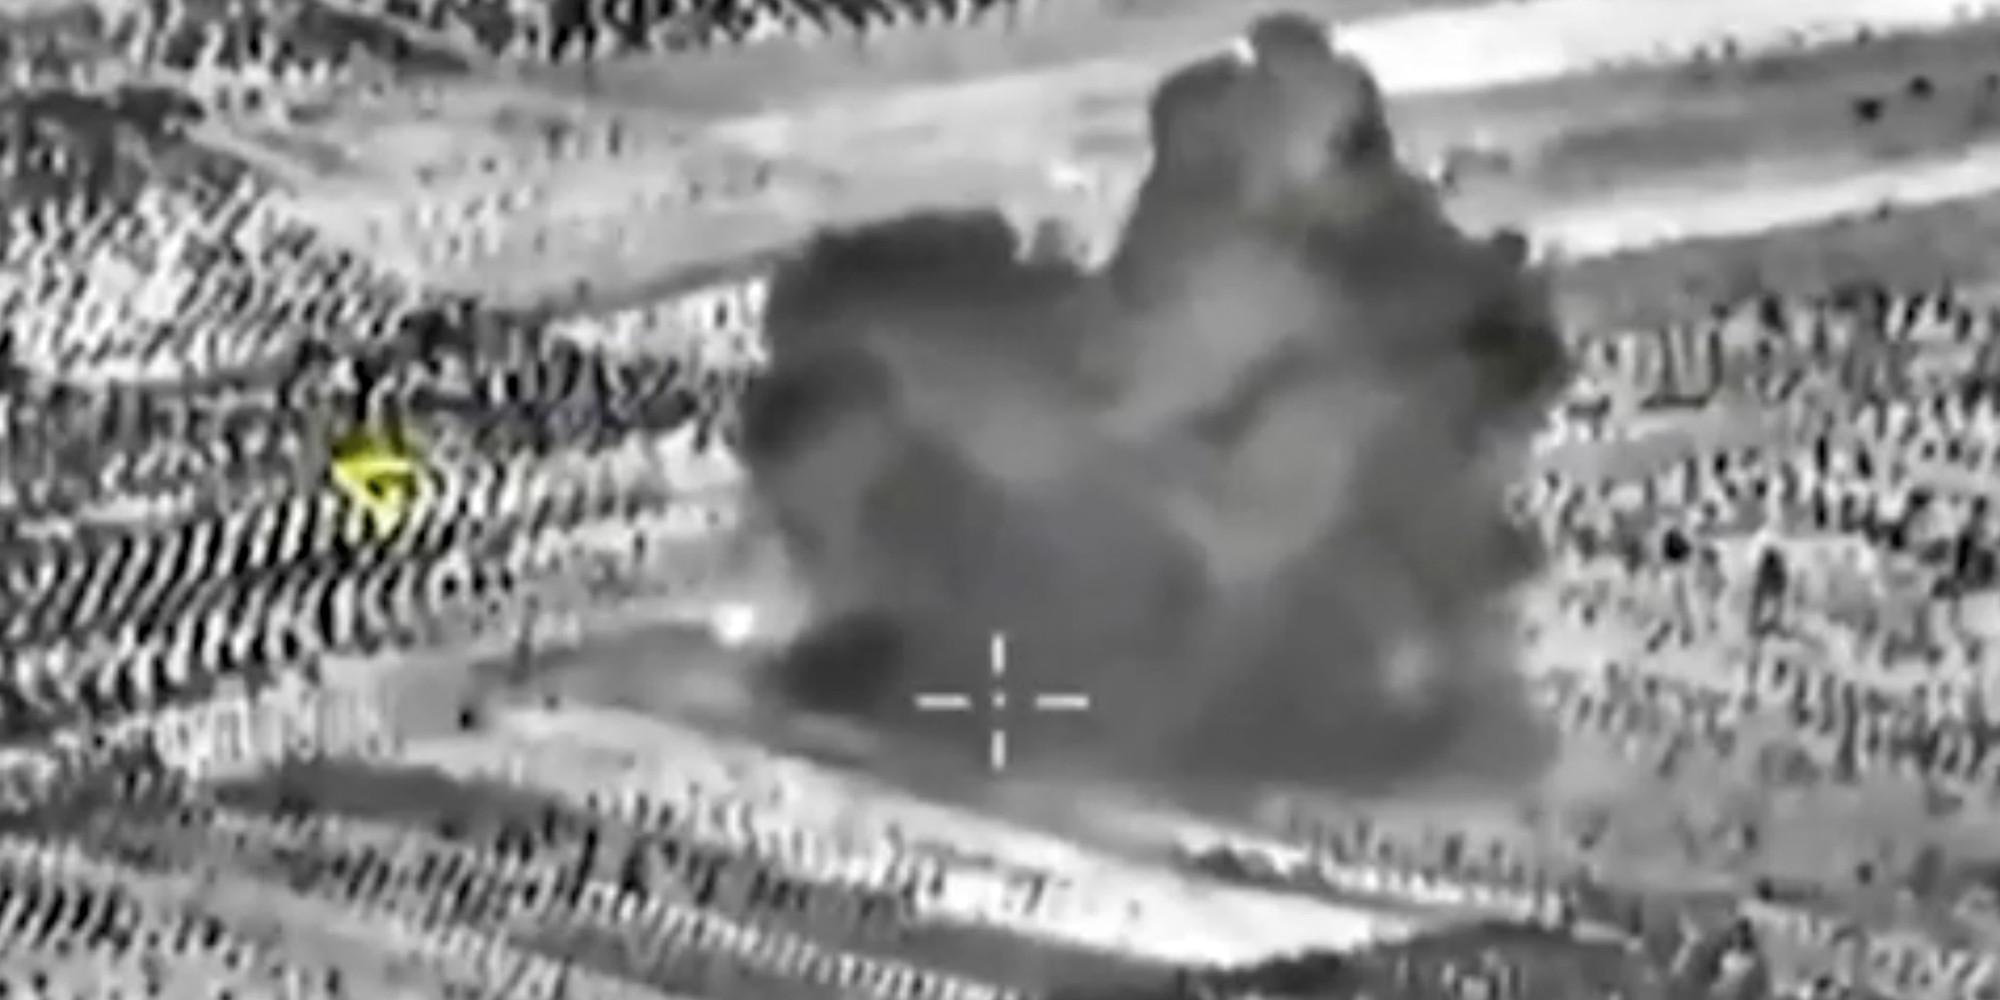 모스크바는 러시아군이 민간인을 폭격했다는 증거를 서방에 요구한다.